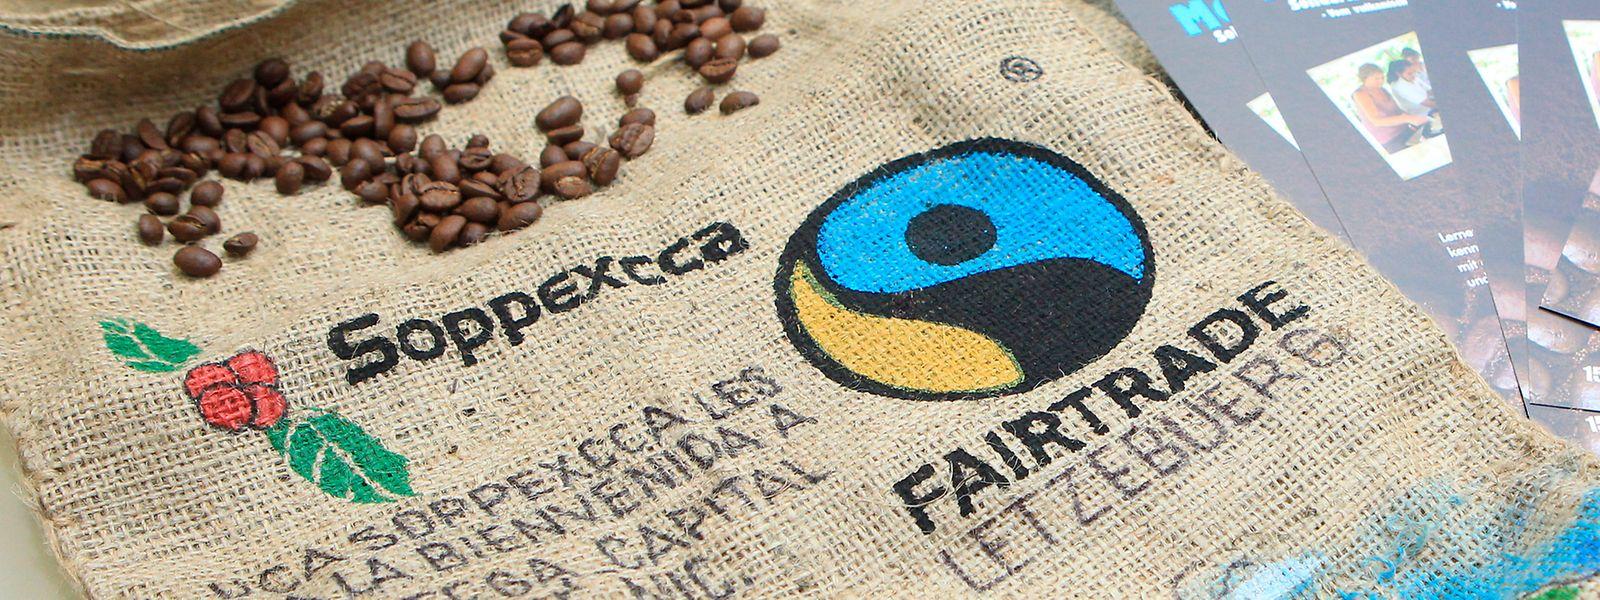 Le café, troisième denrée sur le podium des produits consommés issus du commerce équitable au Grand-Duché.